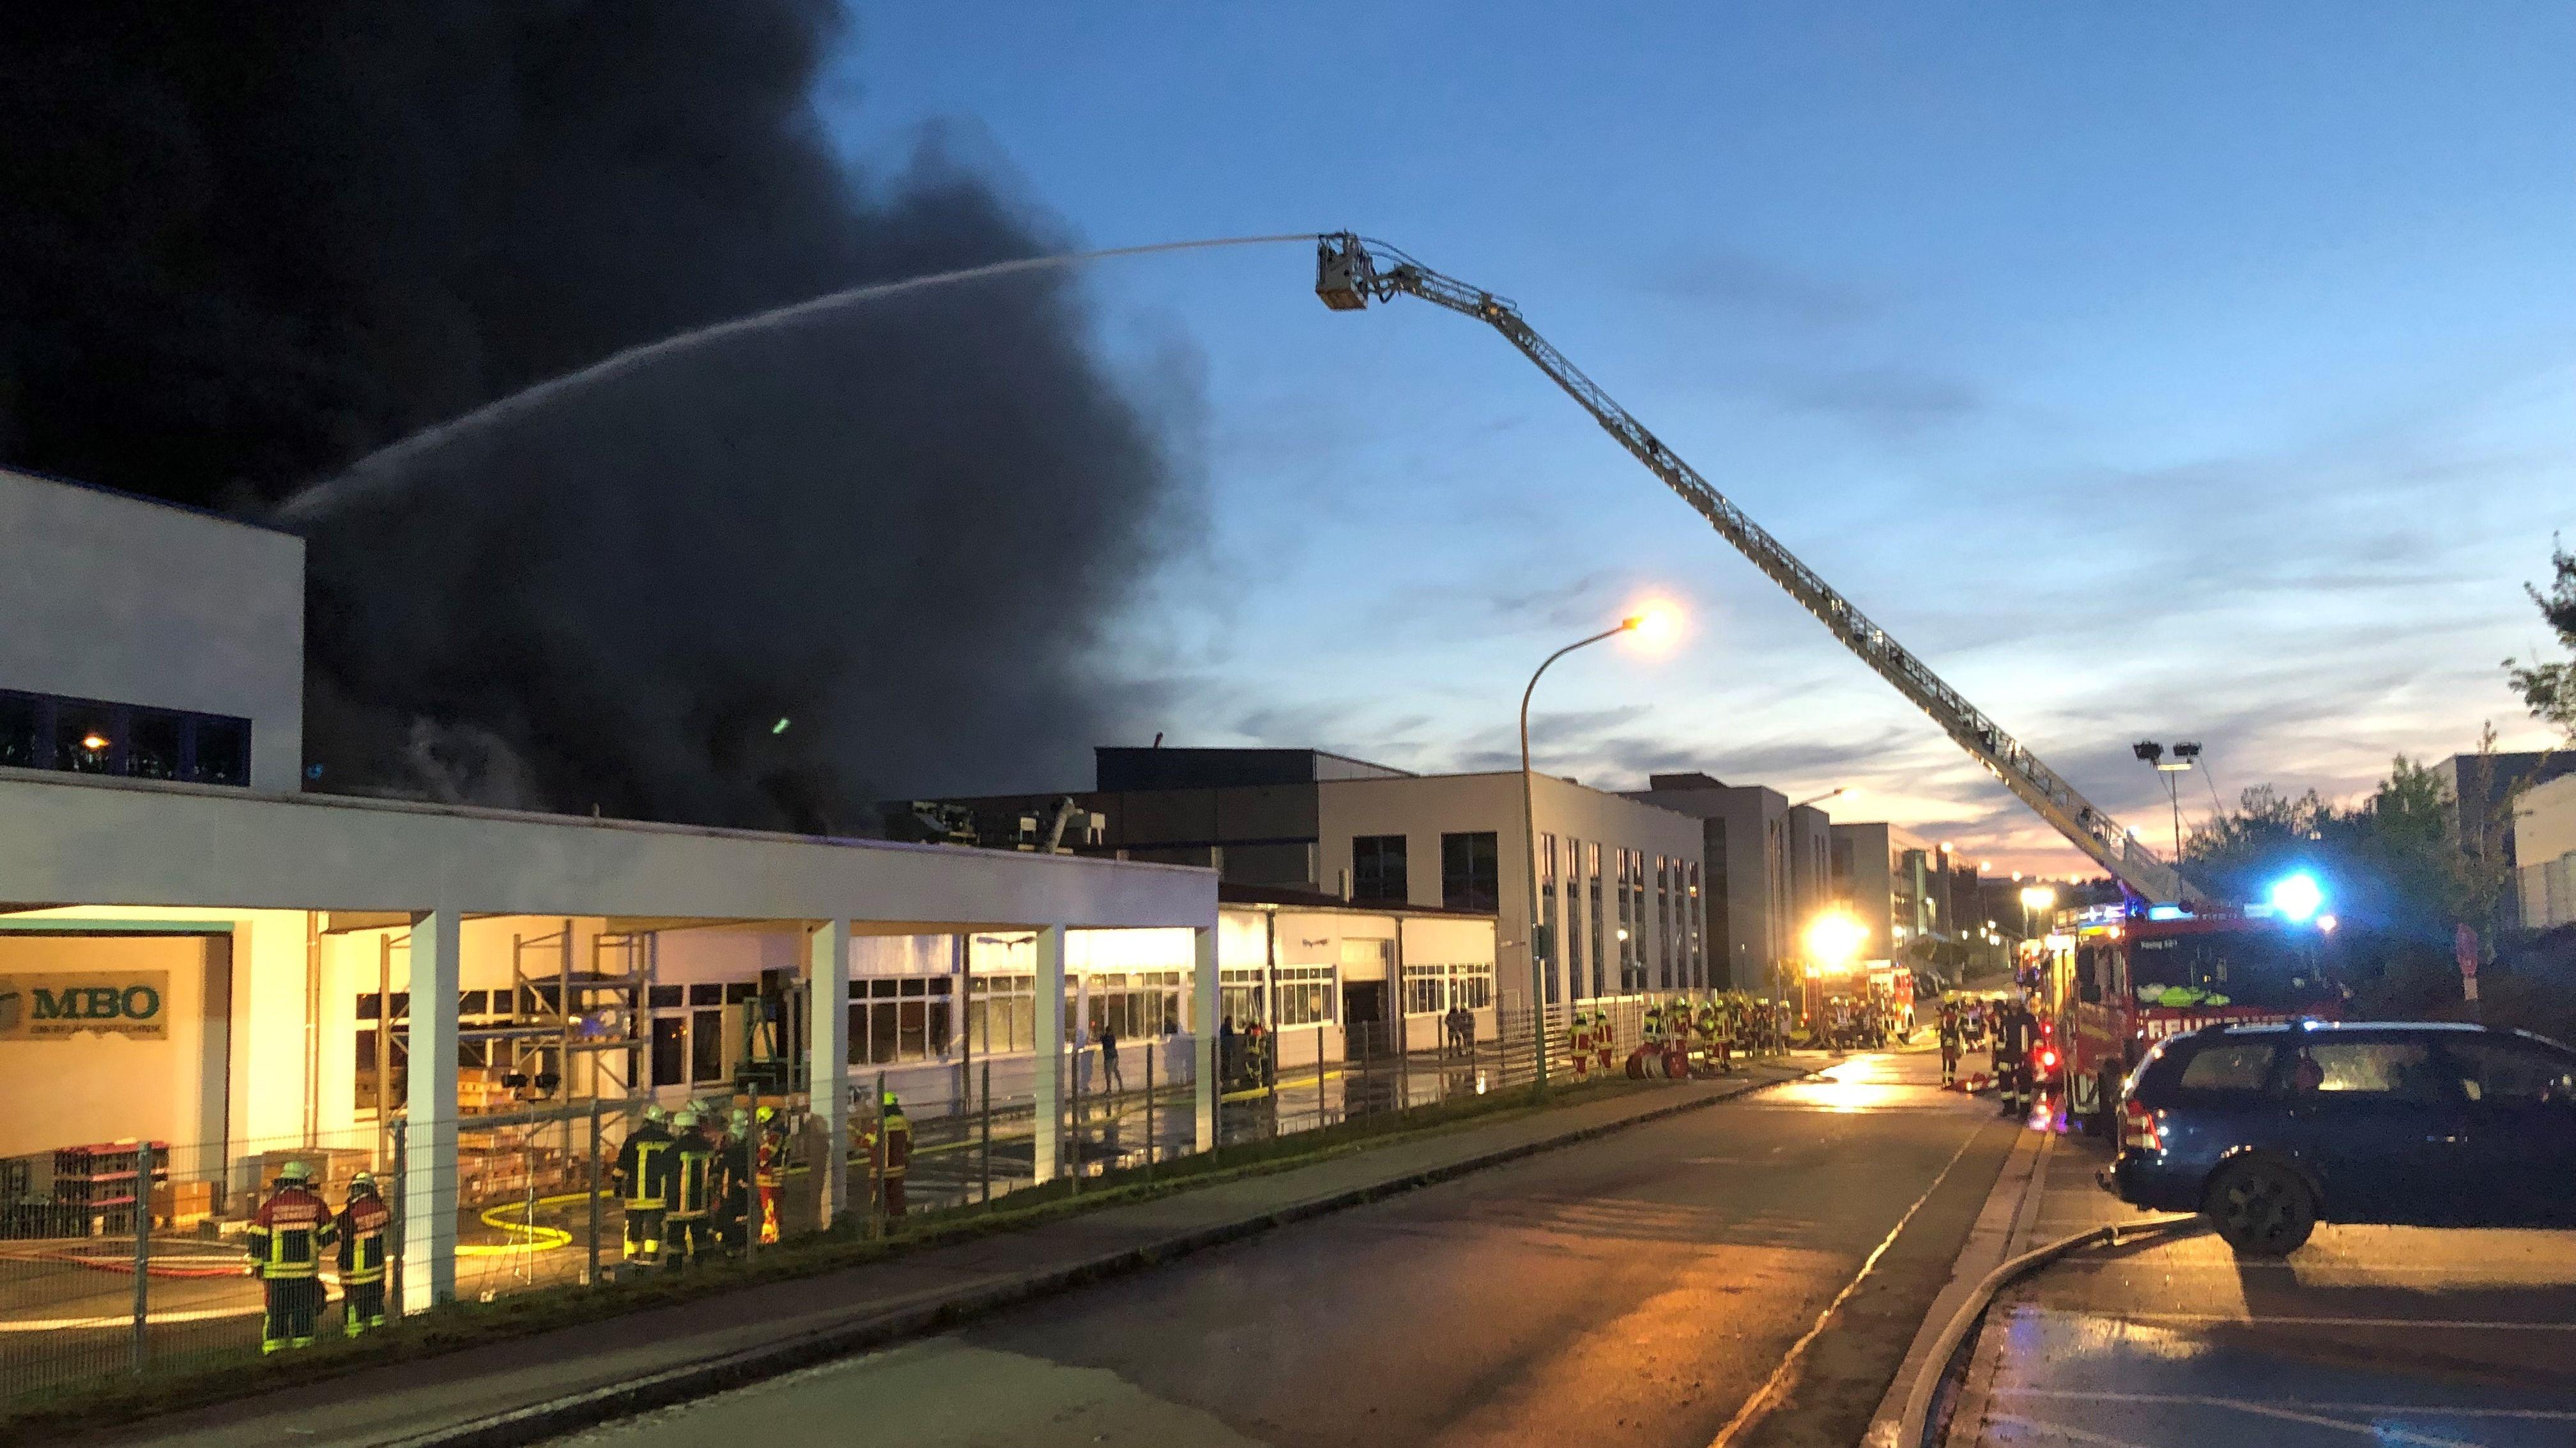 Die Feuerwehr löscht von einer Drehleiter aus die Industriehalle in Roding